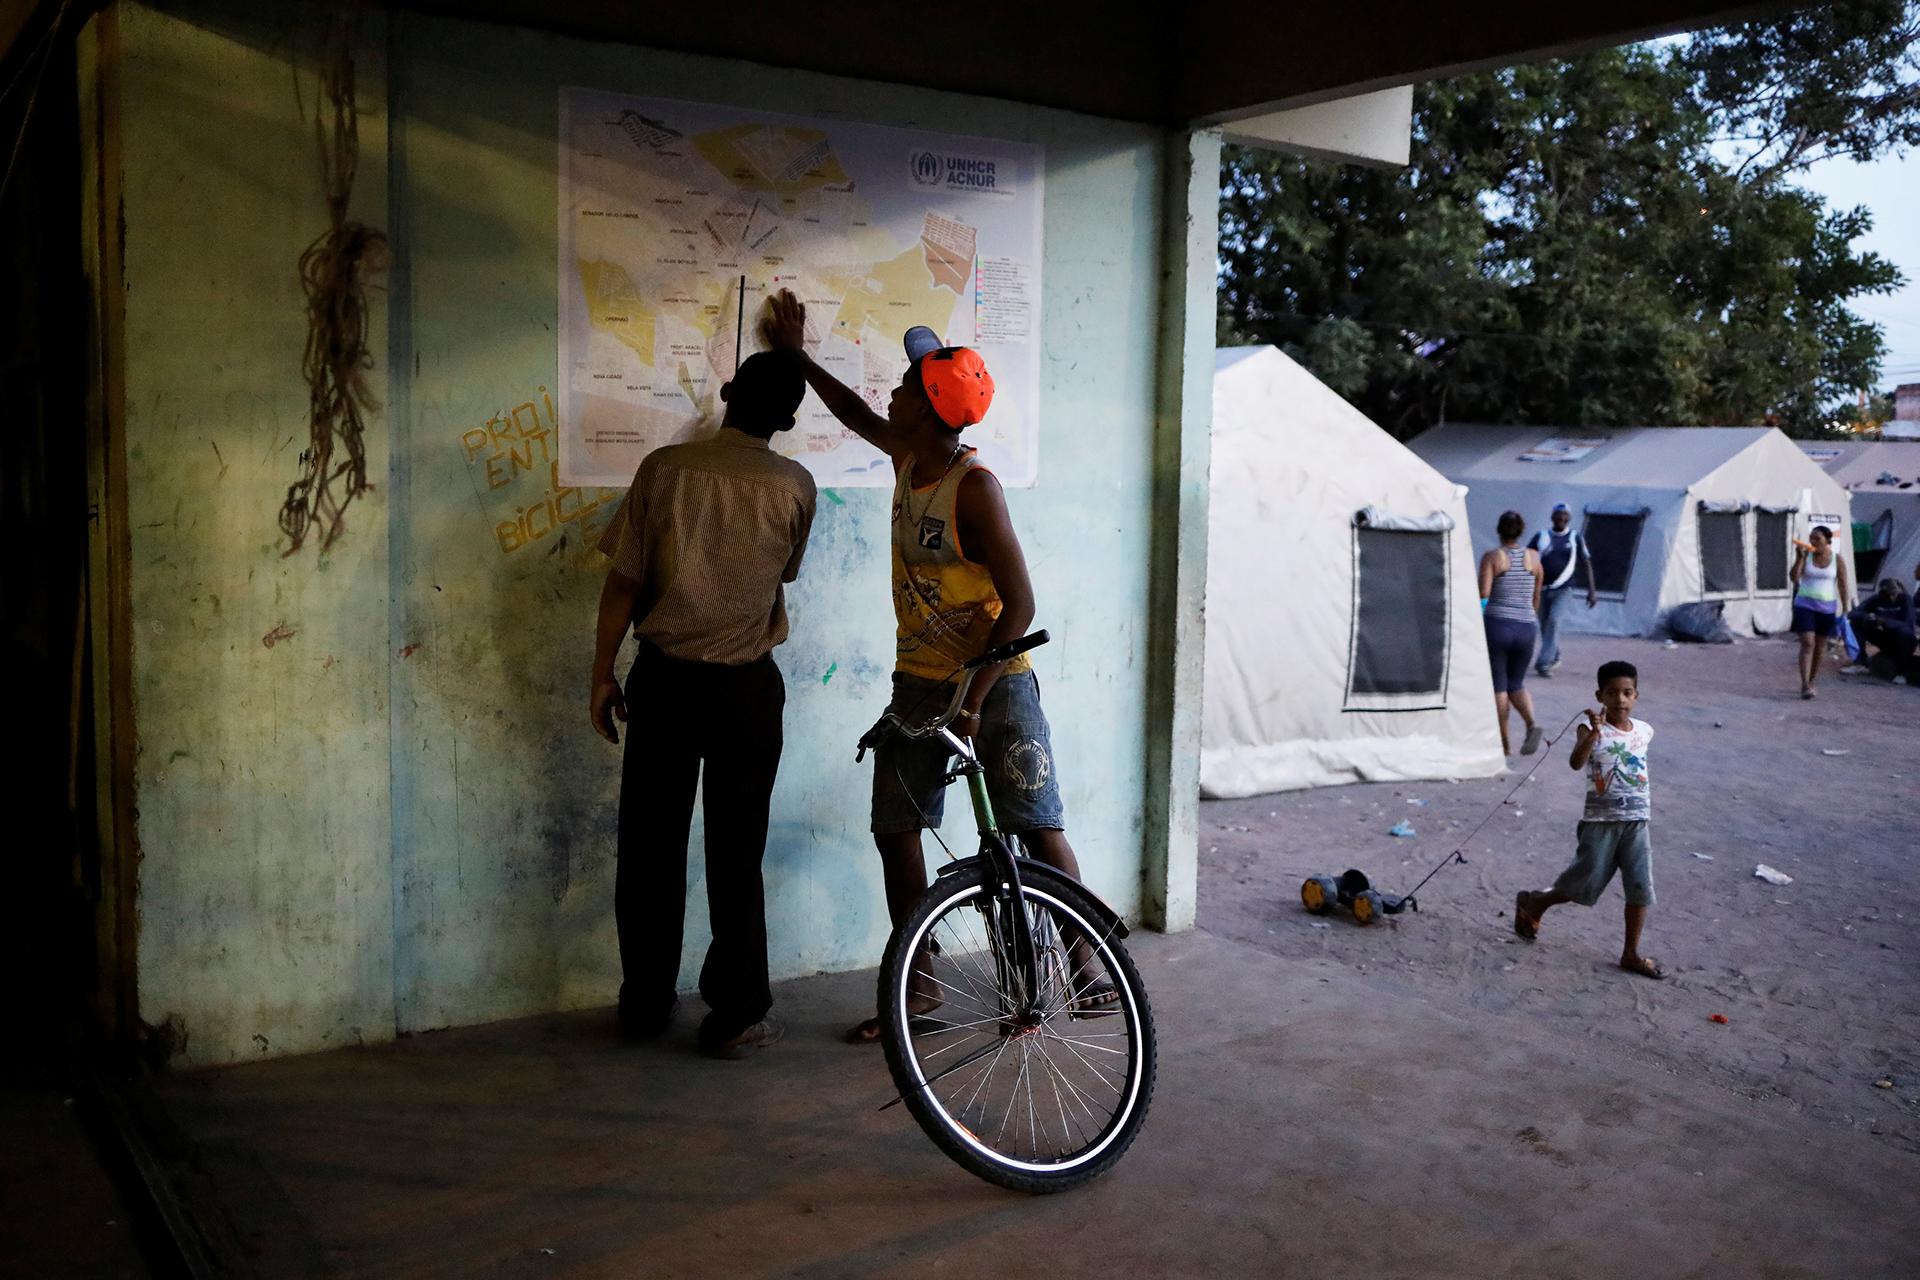 La mayoría de los inmigrantes en Boa Vista llegan por tierra (REUTERS)